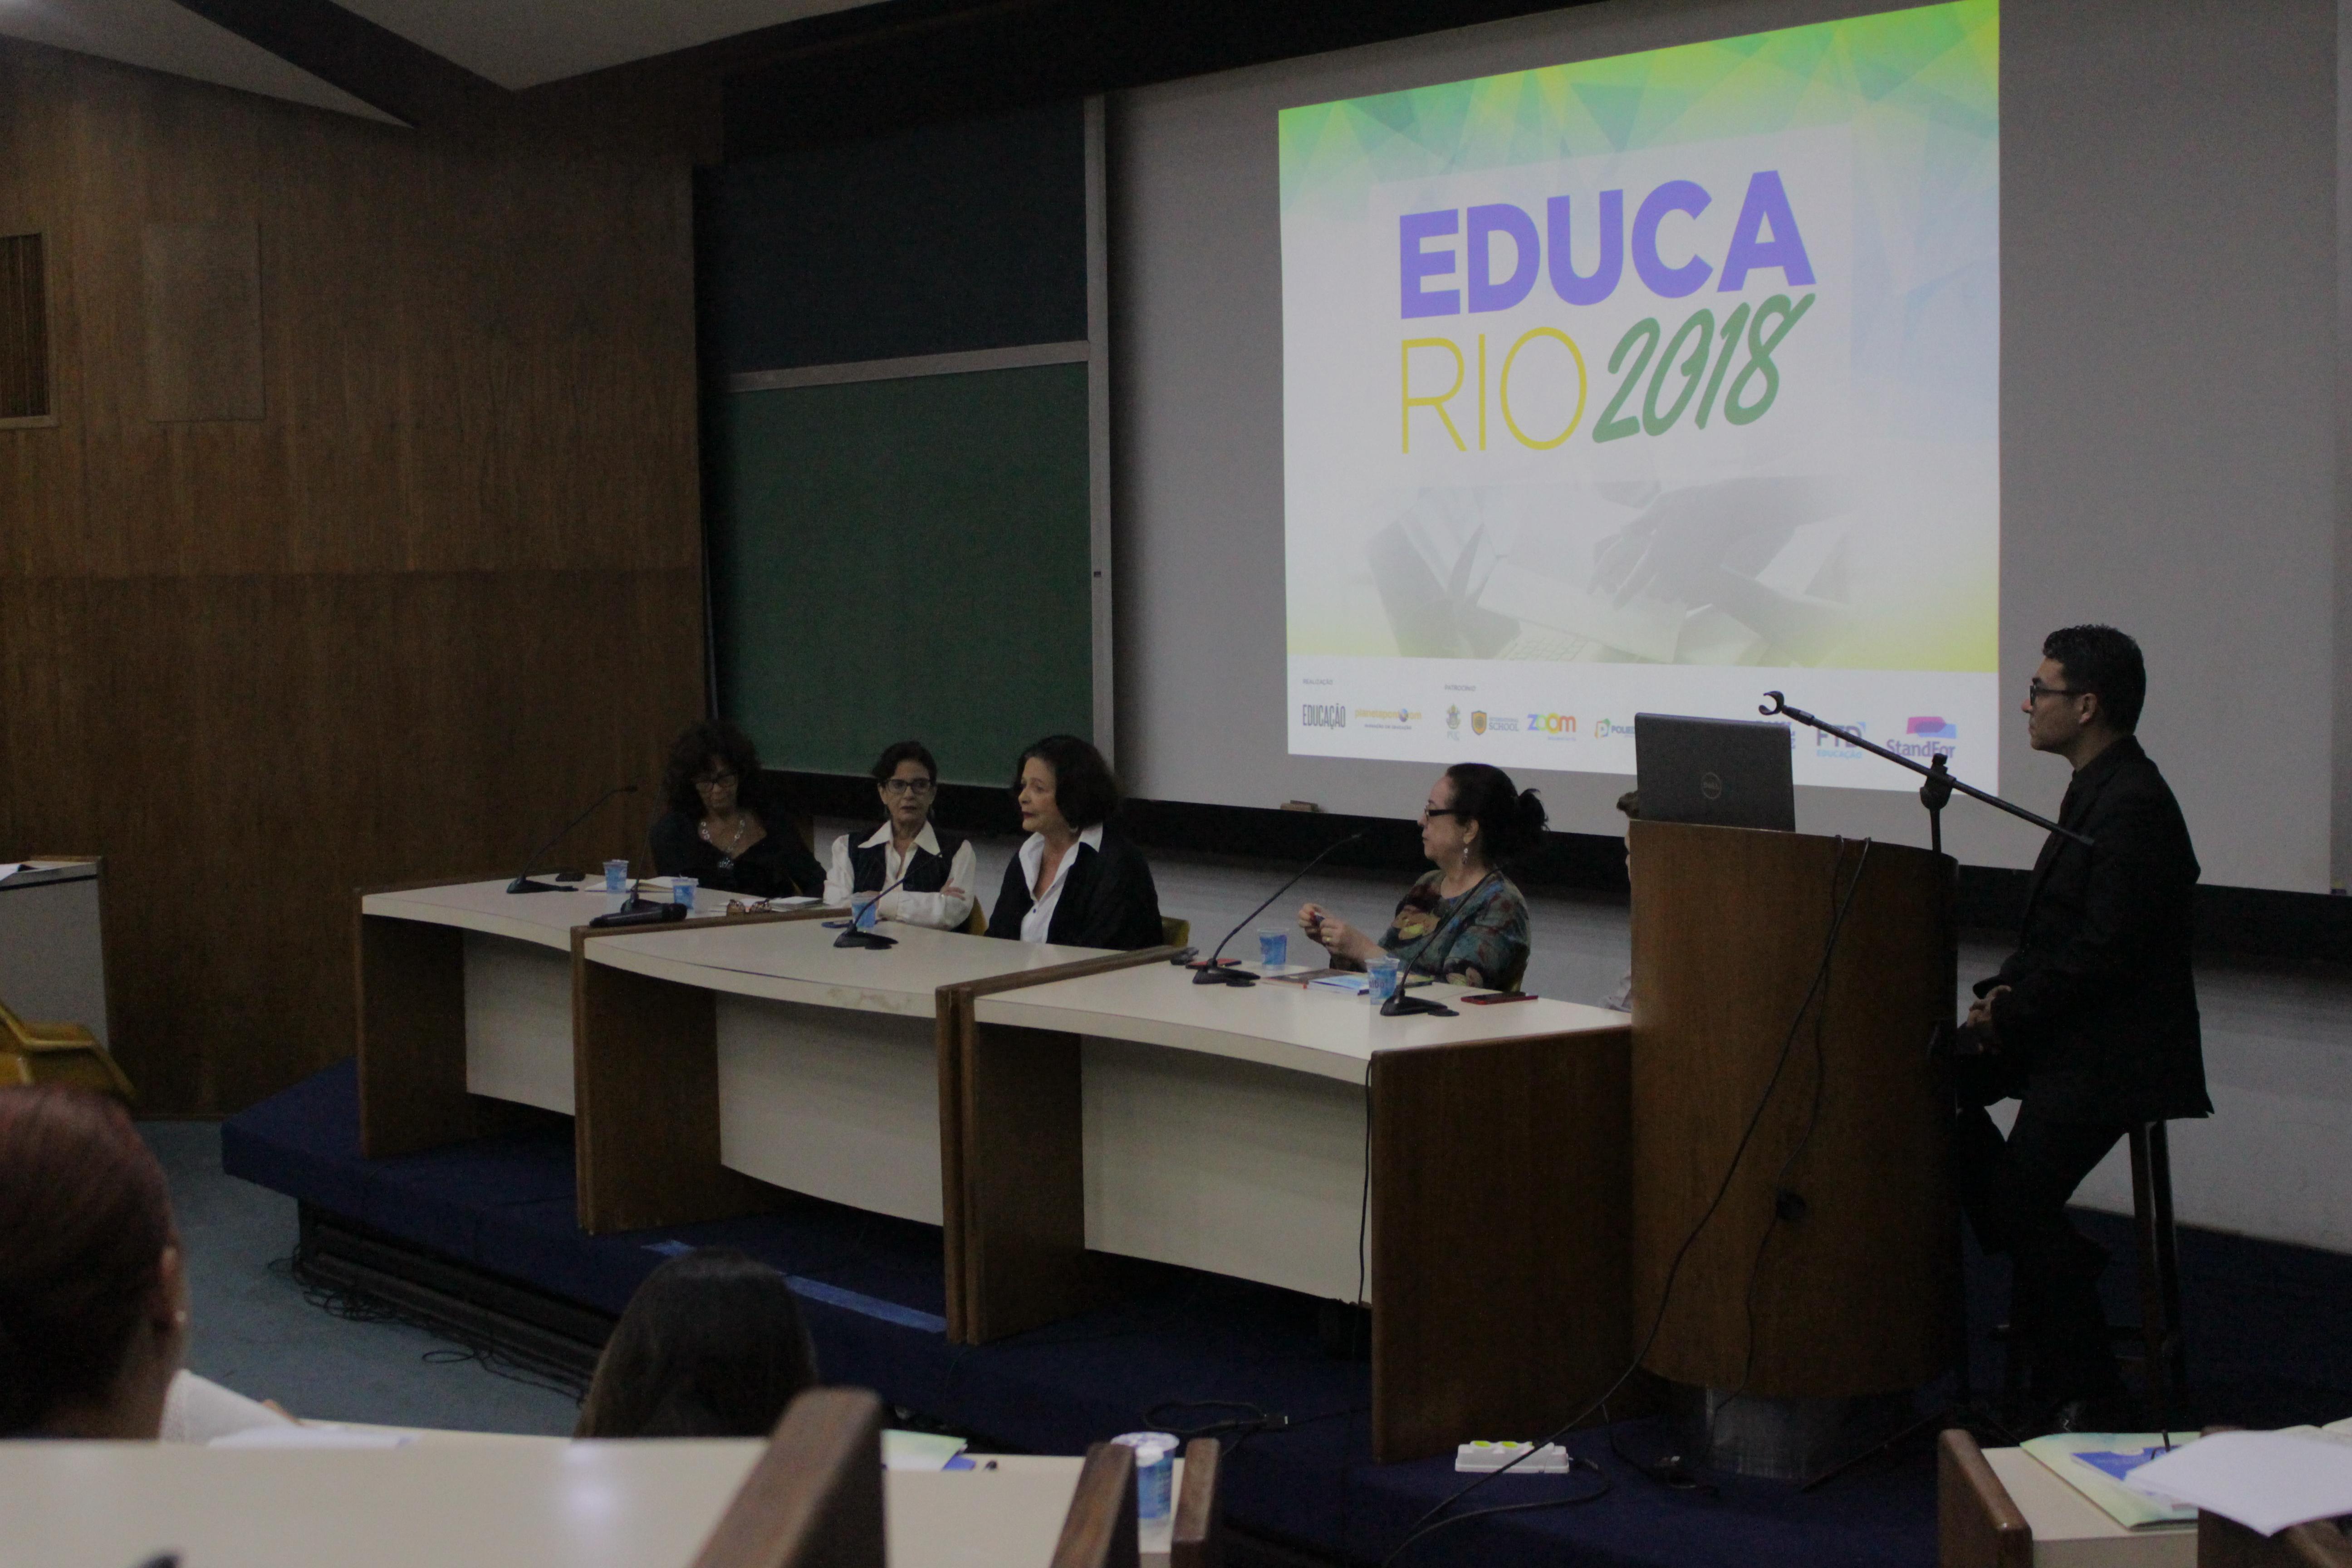 Educa Rio reuniu educadores na PUC (Crédito: Richard Günter/Revista Appai Educar)